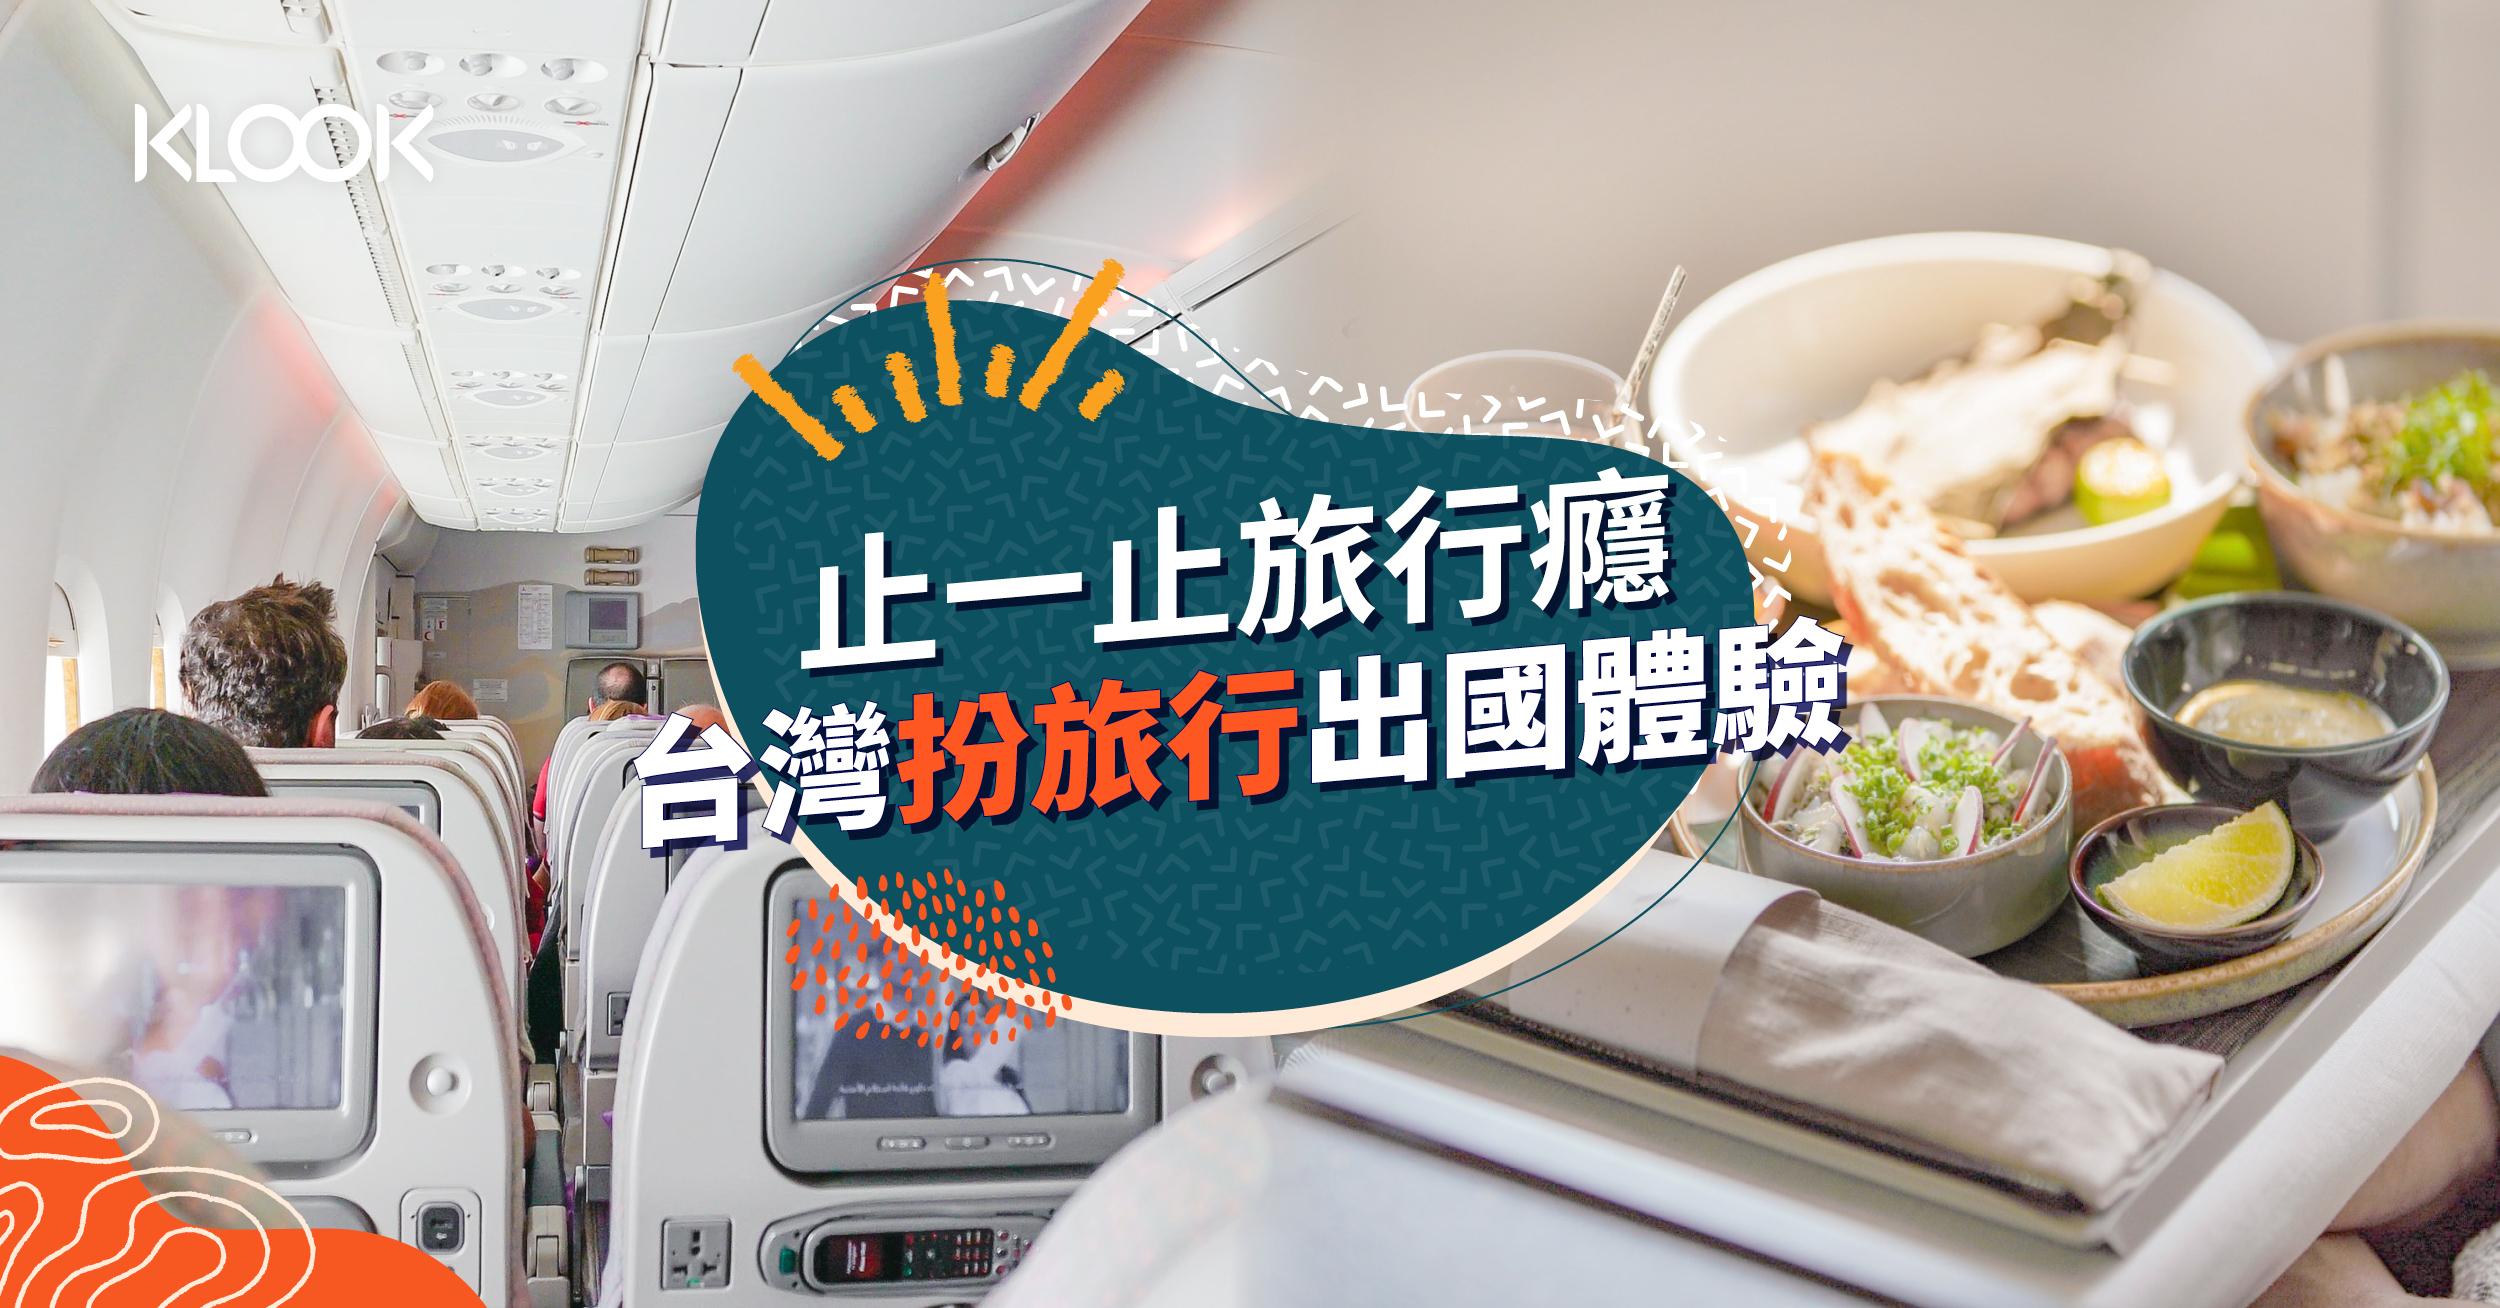 【台灣旅遊】航空公司推扮旅行出國體驗 止一止旅行癮